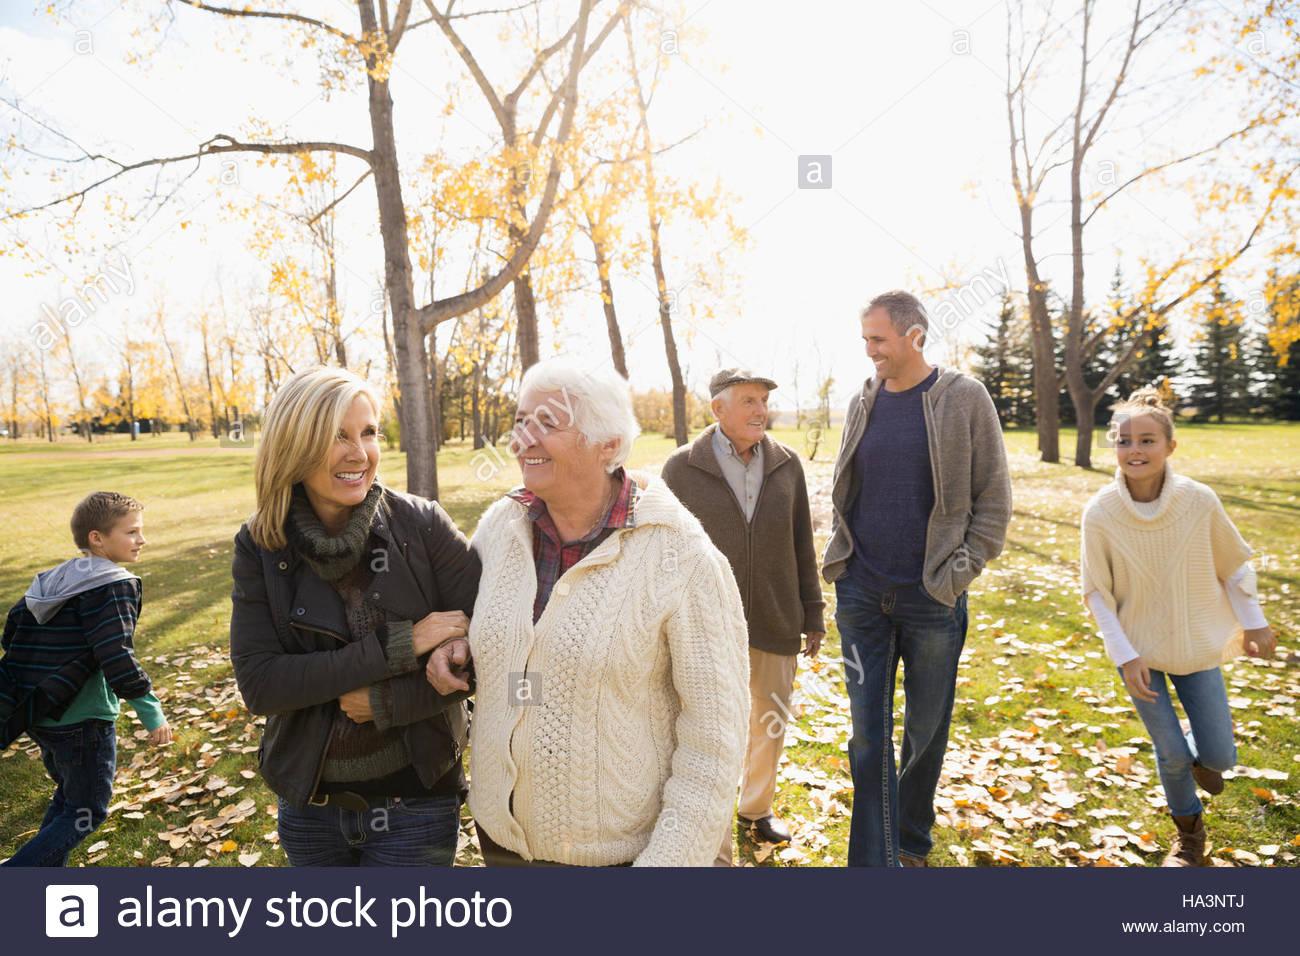 Mehr-Generationen-Familie Wandern im sonnigen Herbst park Stockfoto